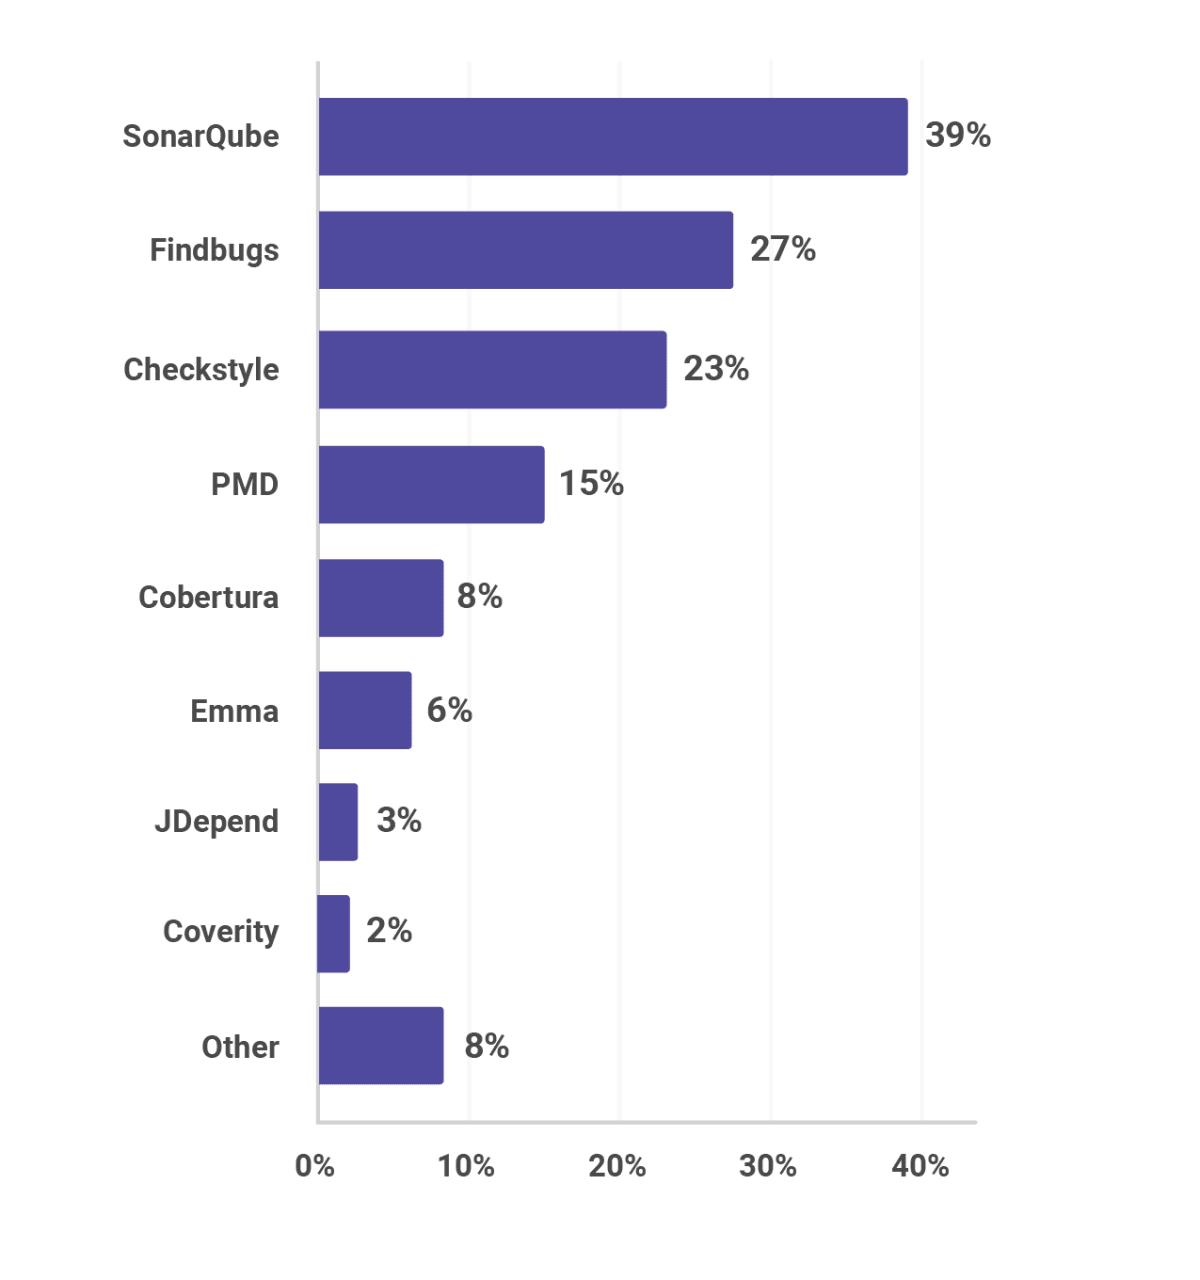 静态分析工具的普及,包括SonarQube,Findbugs,Checkstyle和PMD